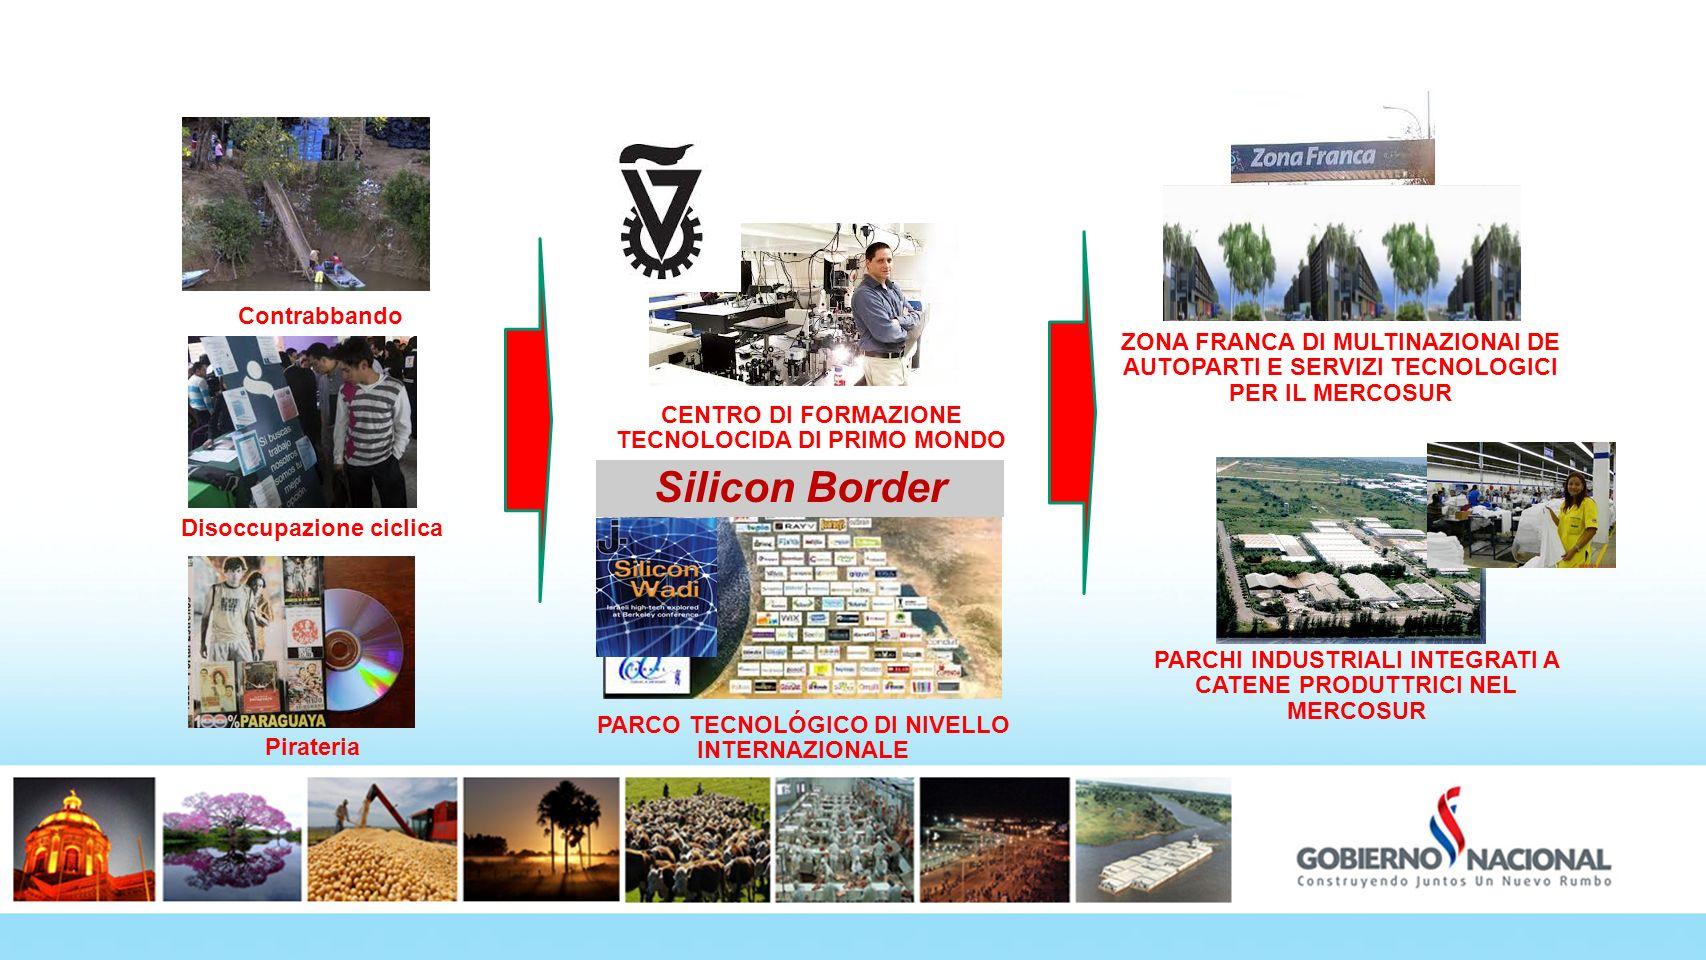 Fronteras 180º PARCO TECNOLÓGICO DI NIVELLO INTERNAZIONALE CENTRO DI FORMAZIONE TECNOLOCIDA DI PRIMO MONDO ZONA FRANCA DI MULTINAZIONAI DE AUTOPARTI E